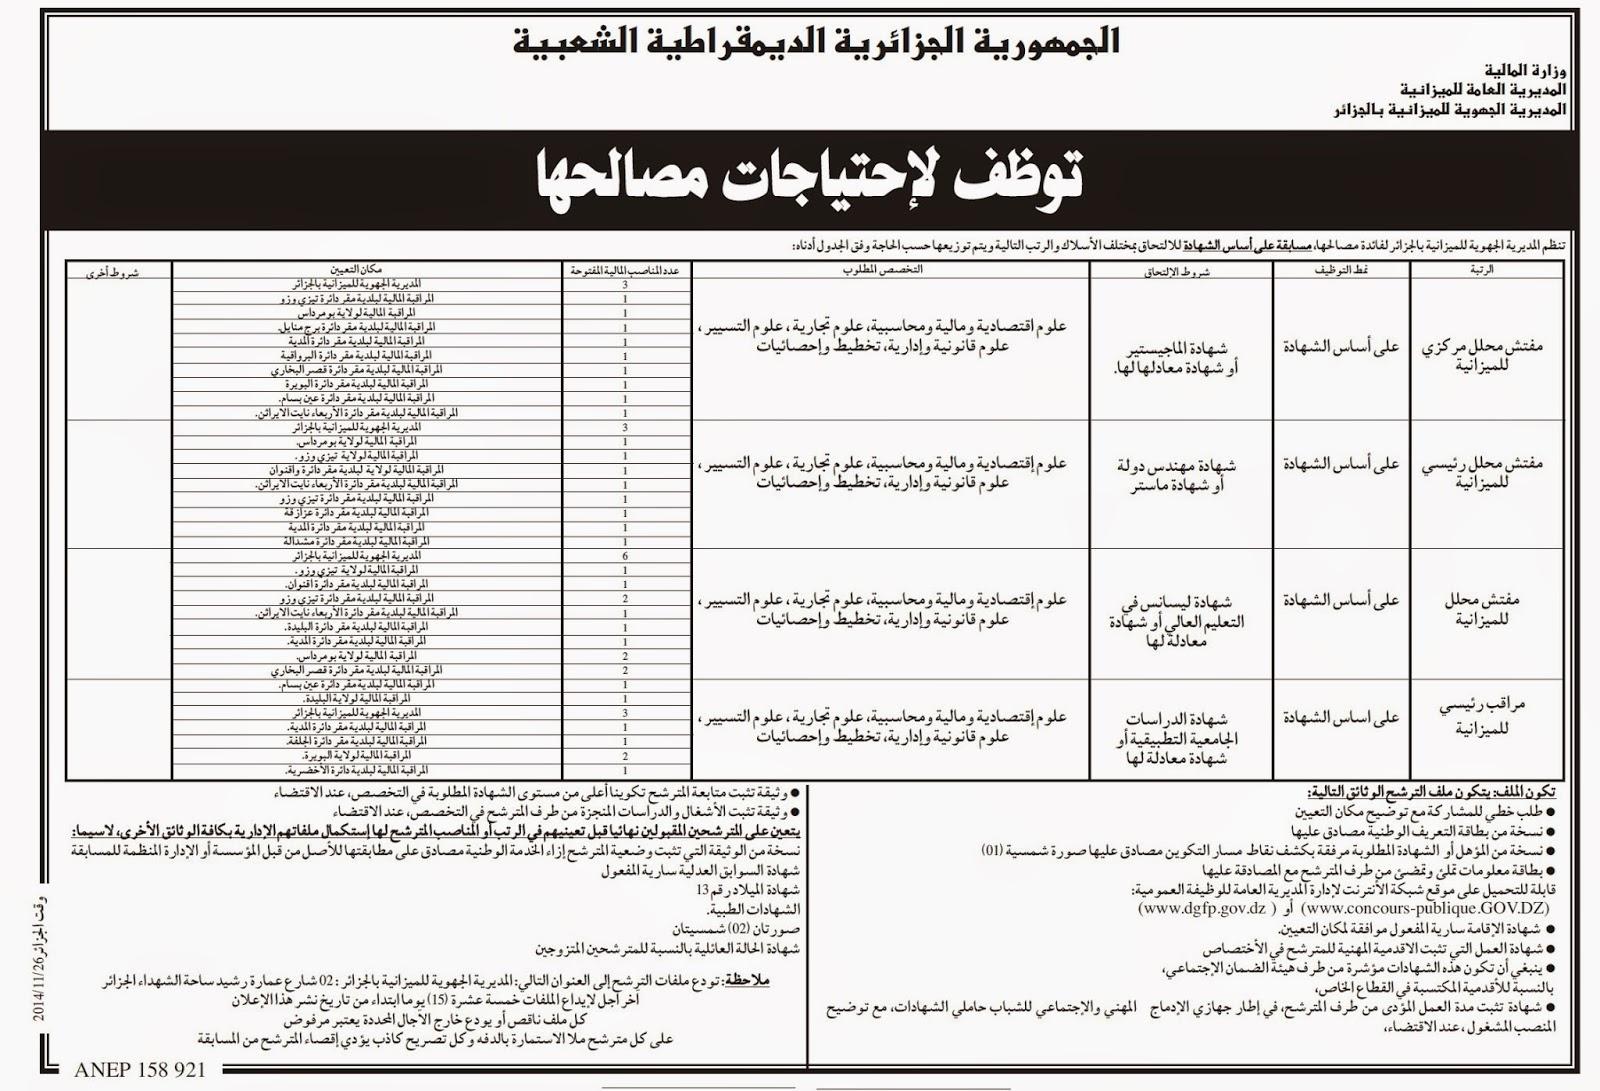 مسابقة توظيف بالمديرية الجهوية للميزانية الجزائر